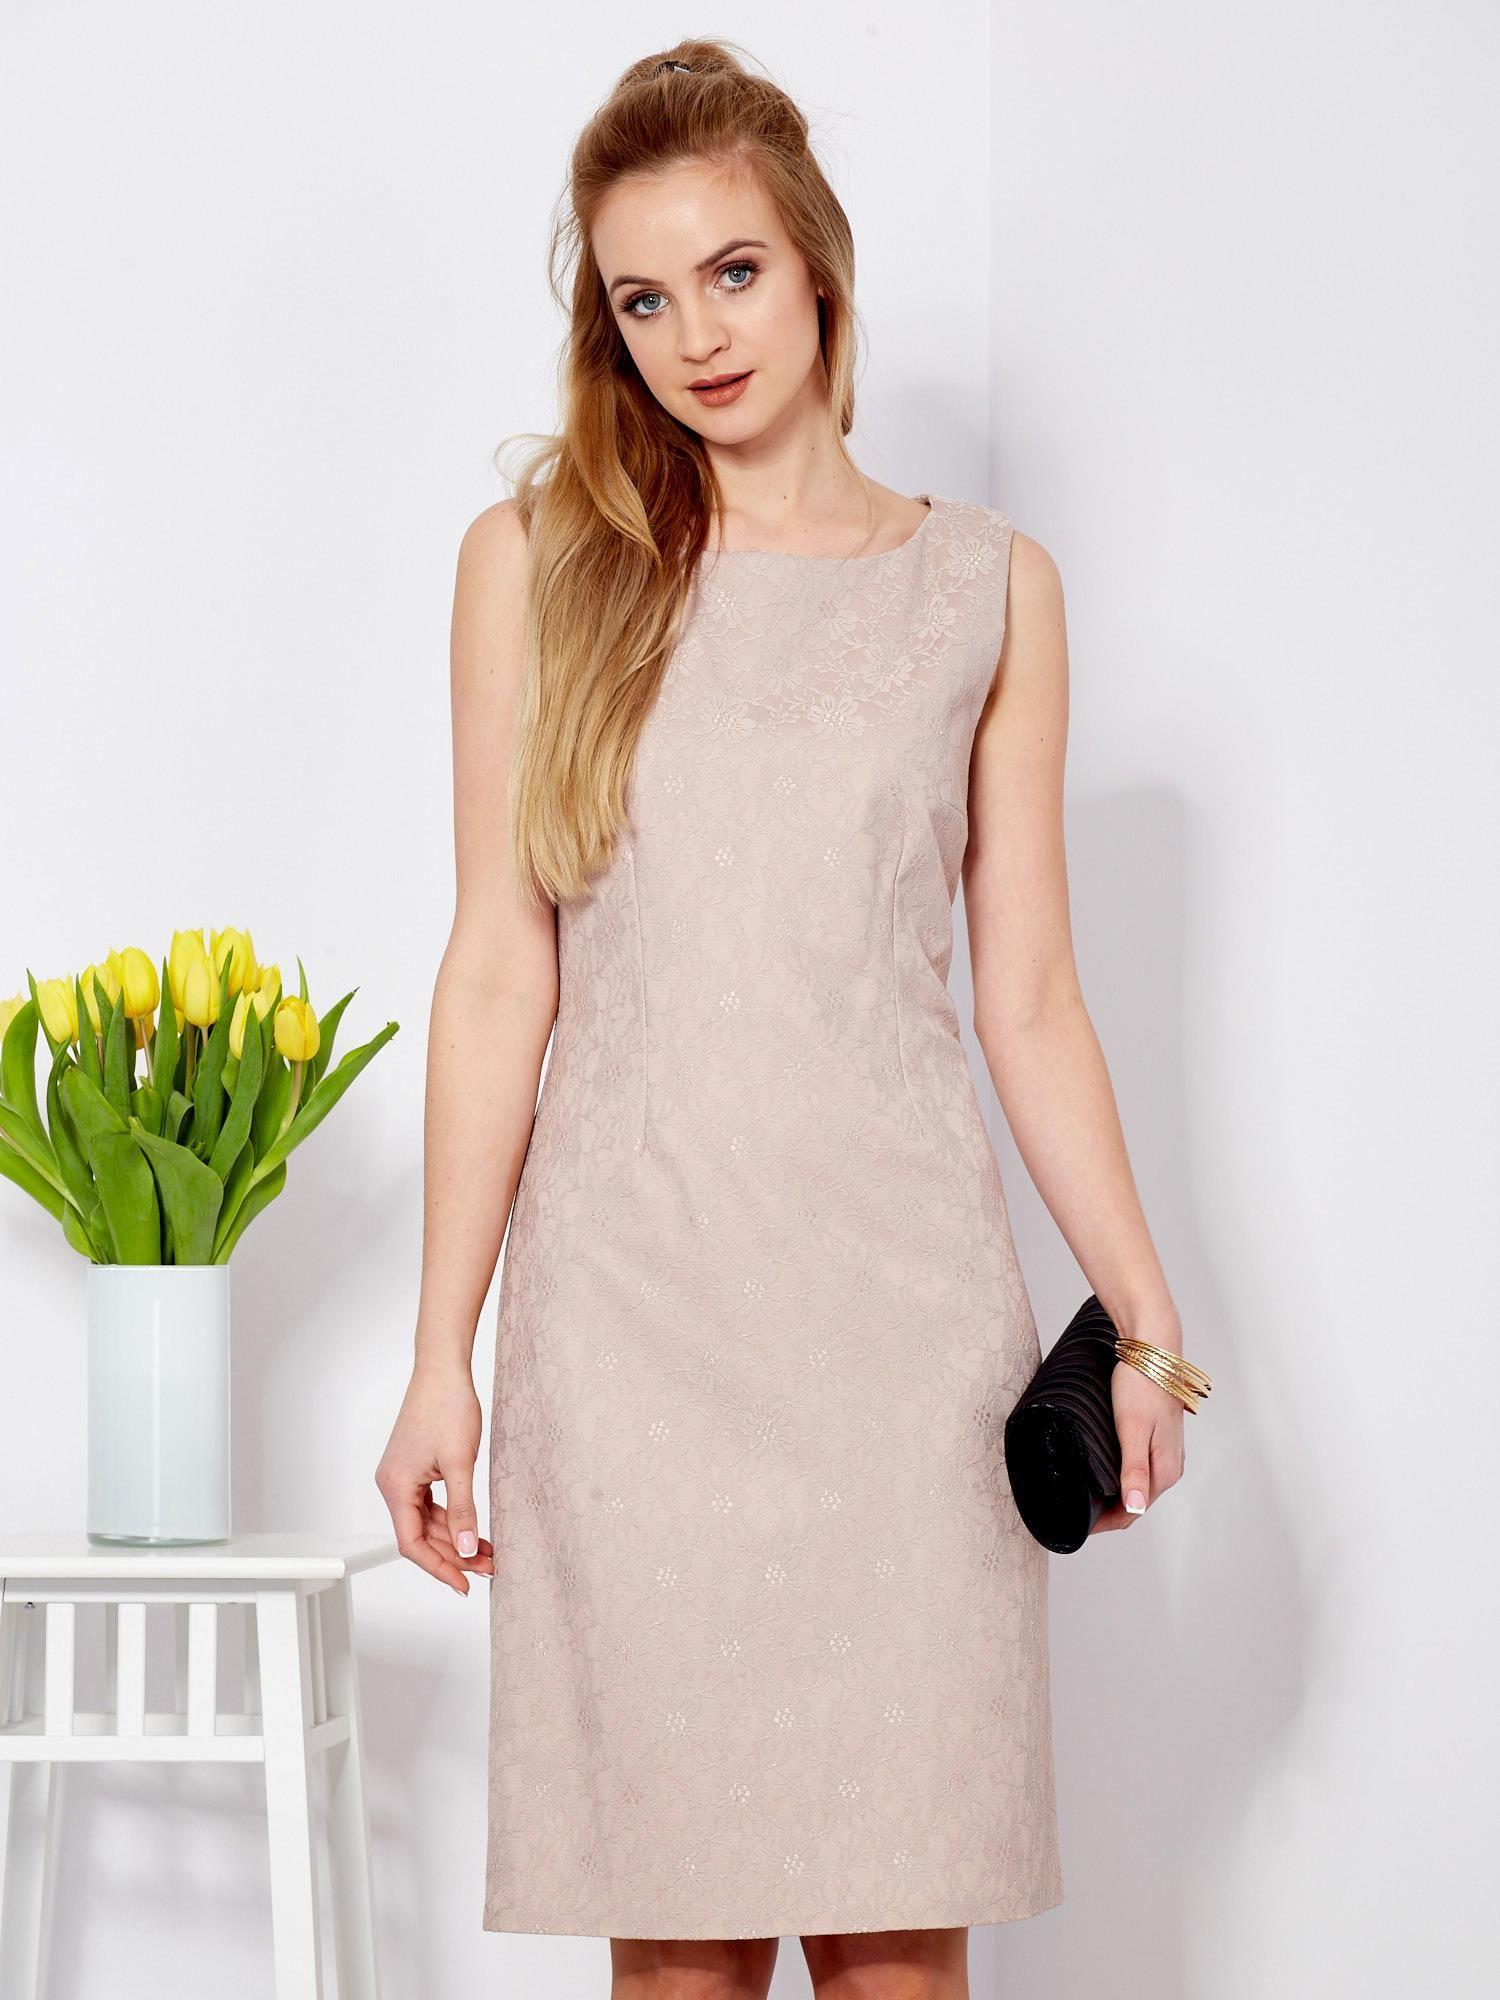 Ogromny Sukienka beżowa koronkowa z dekoltem z tyłu - Sukienka plus size AD88